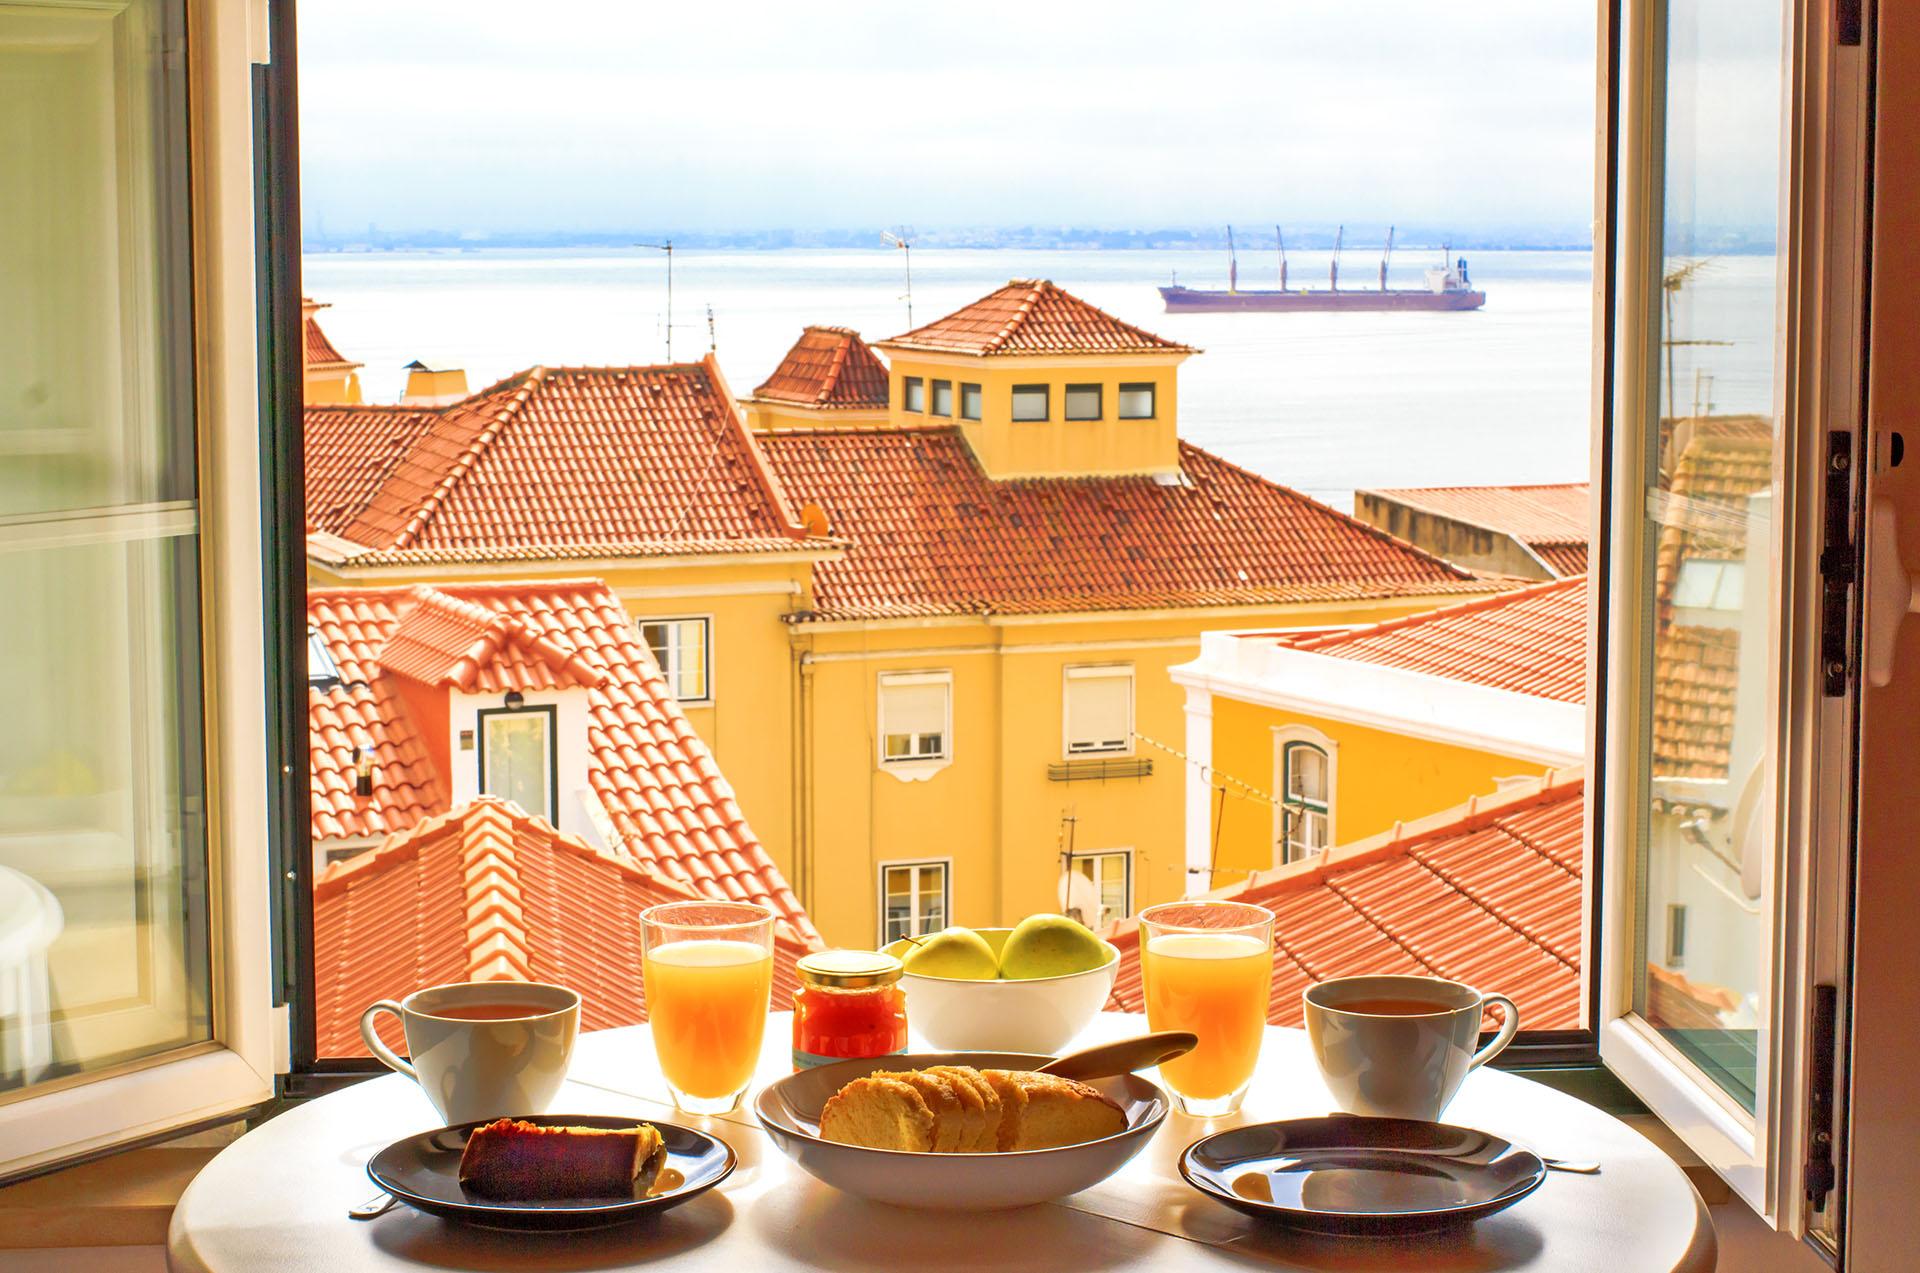 Где дешевле недвижимость в испании или португалии